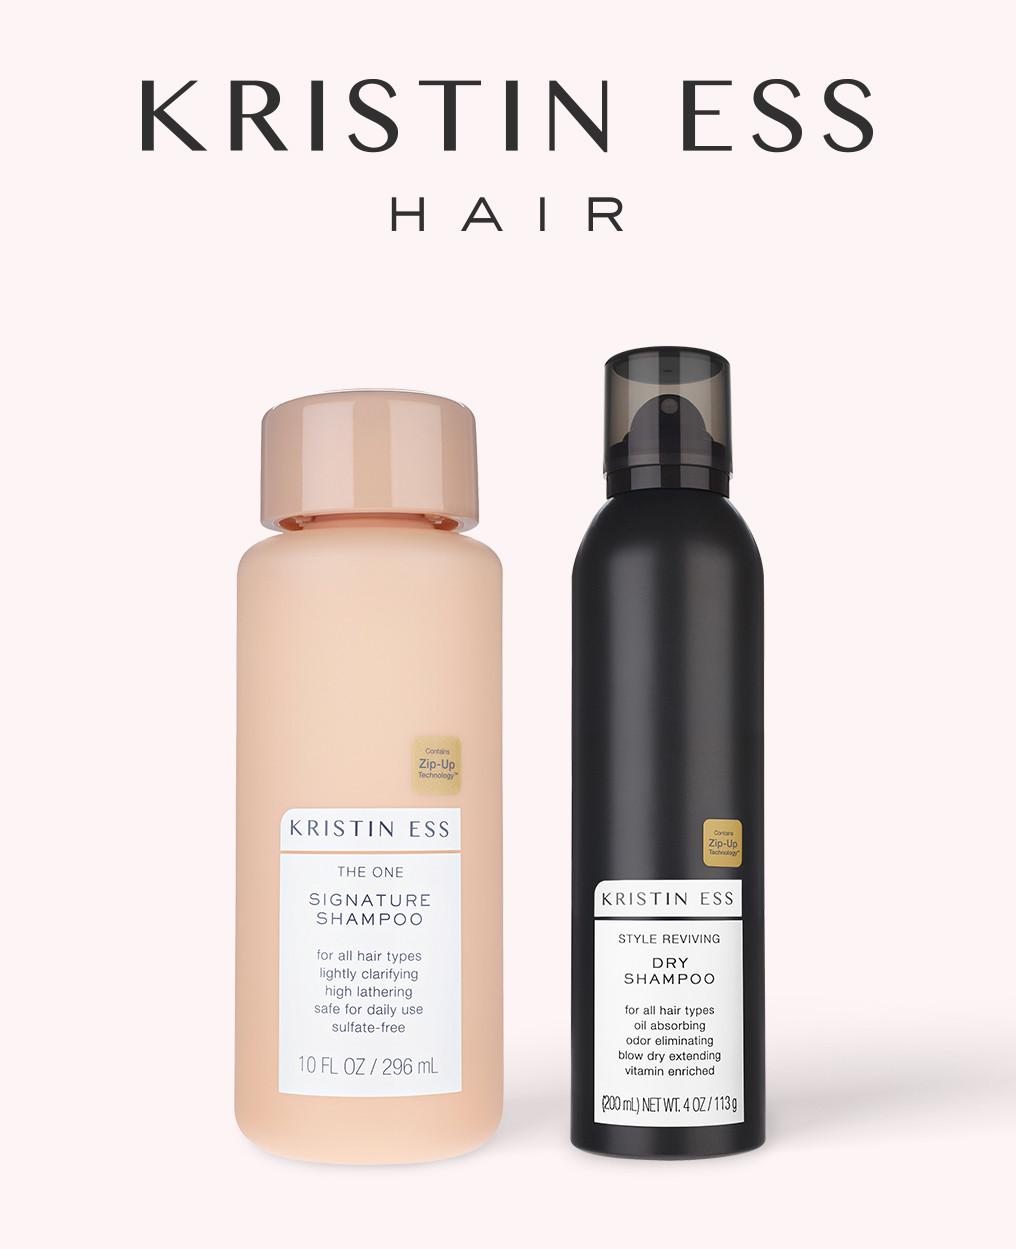 New Brand: Kristen Ess